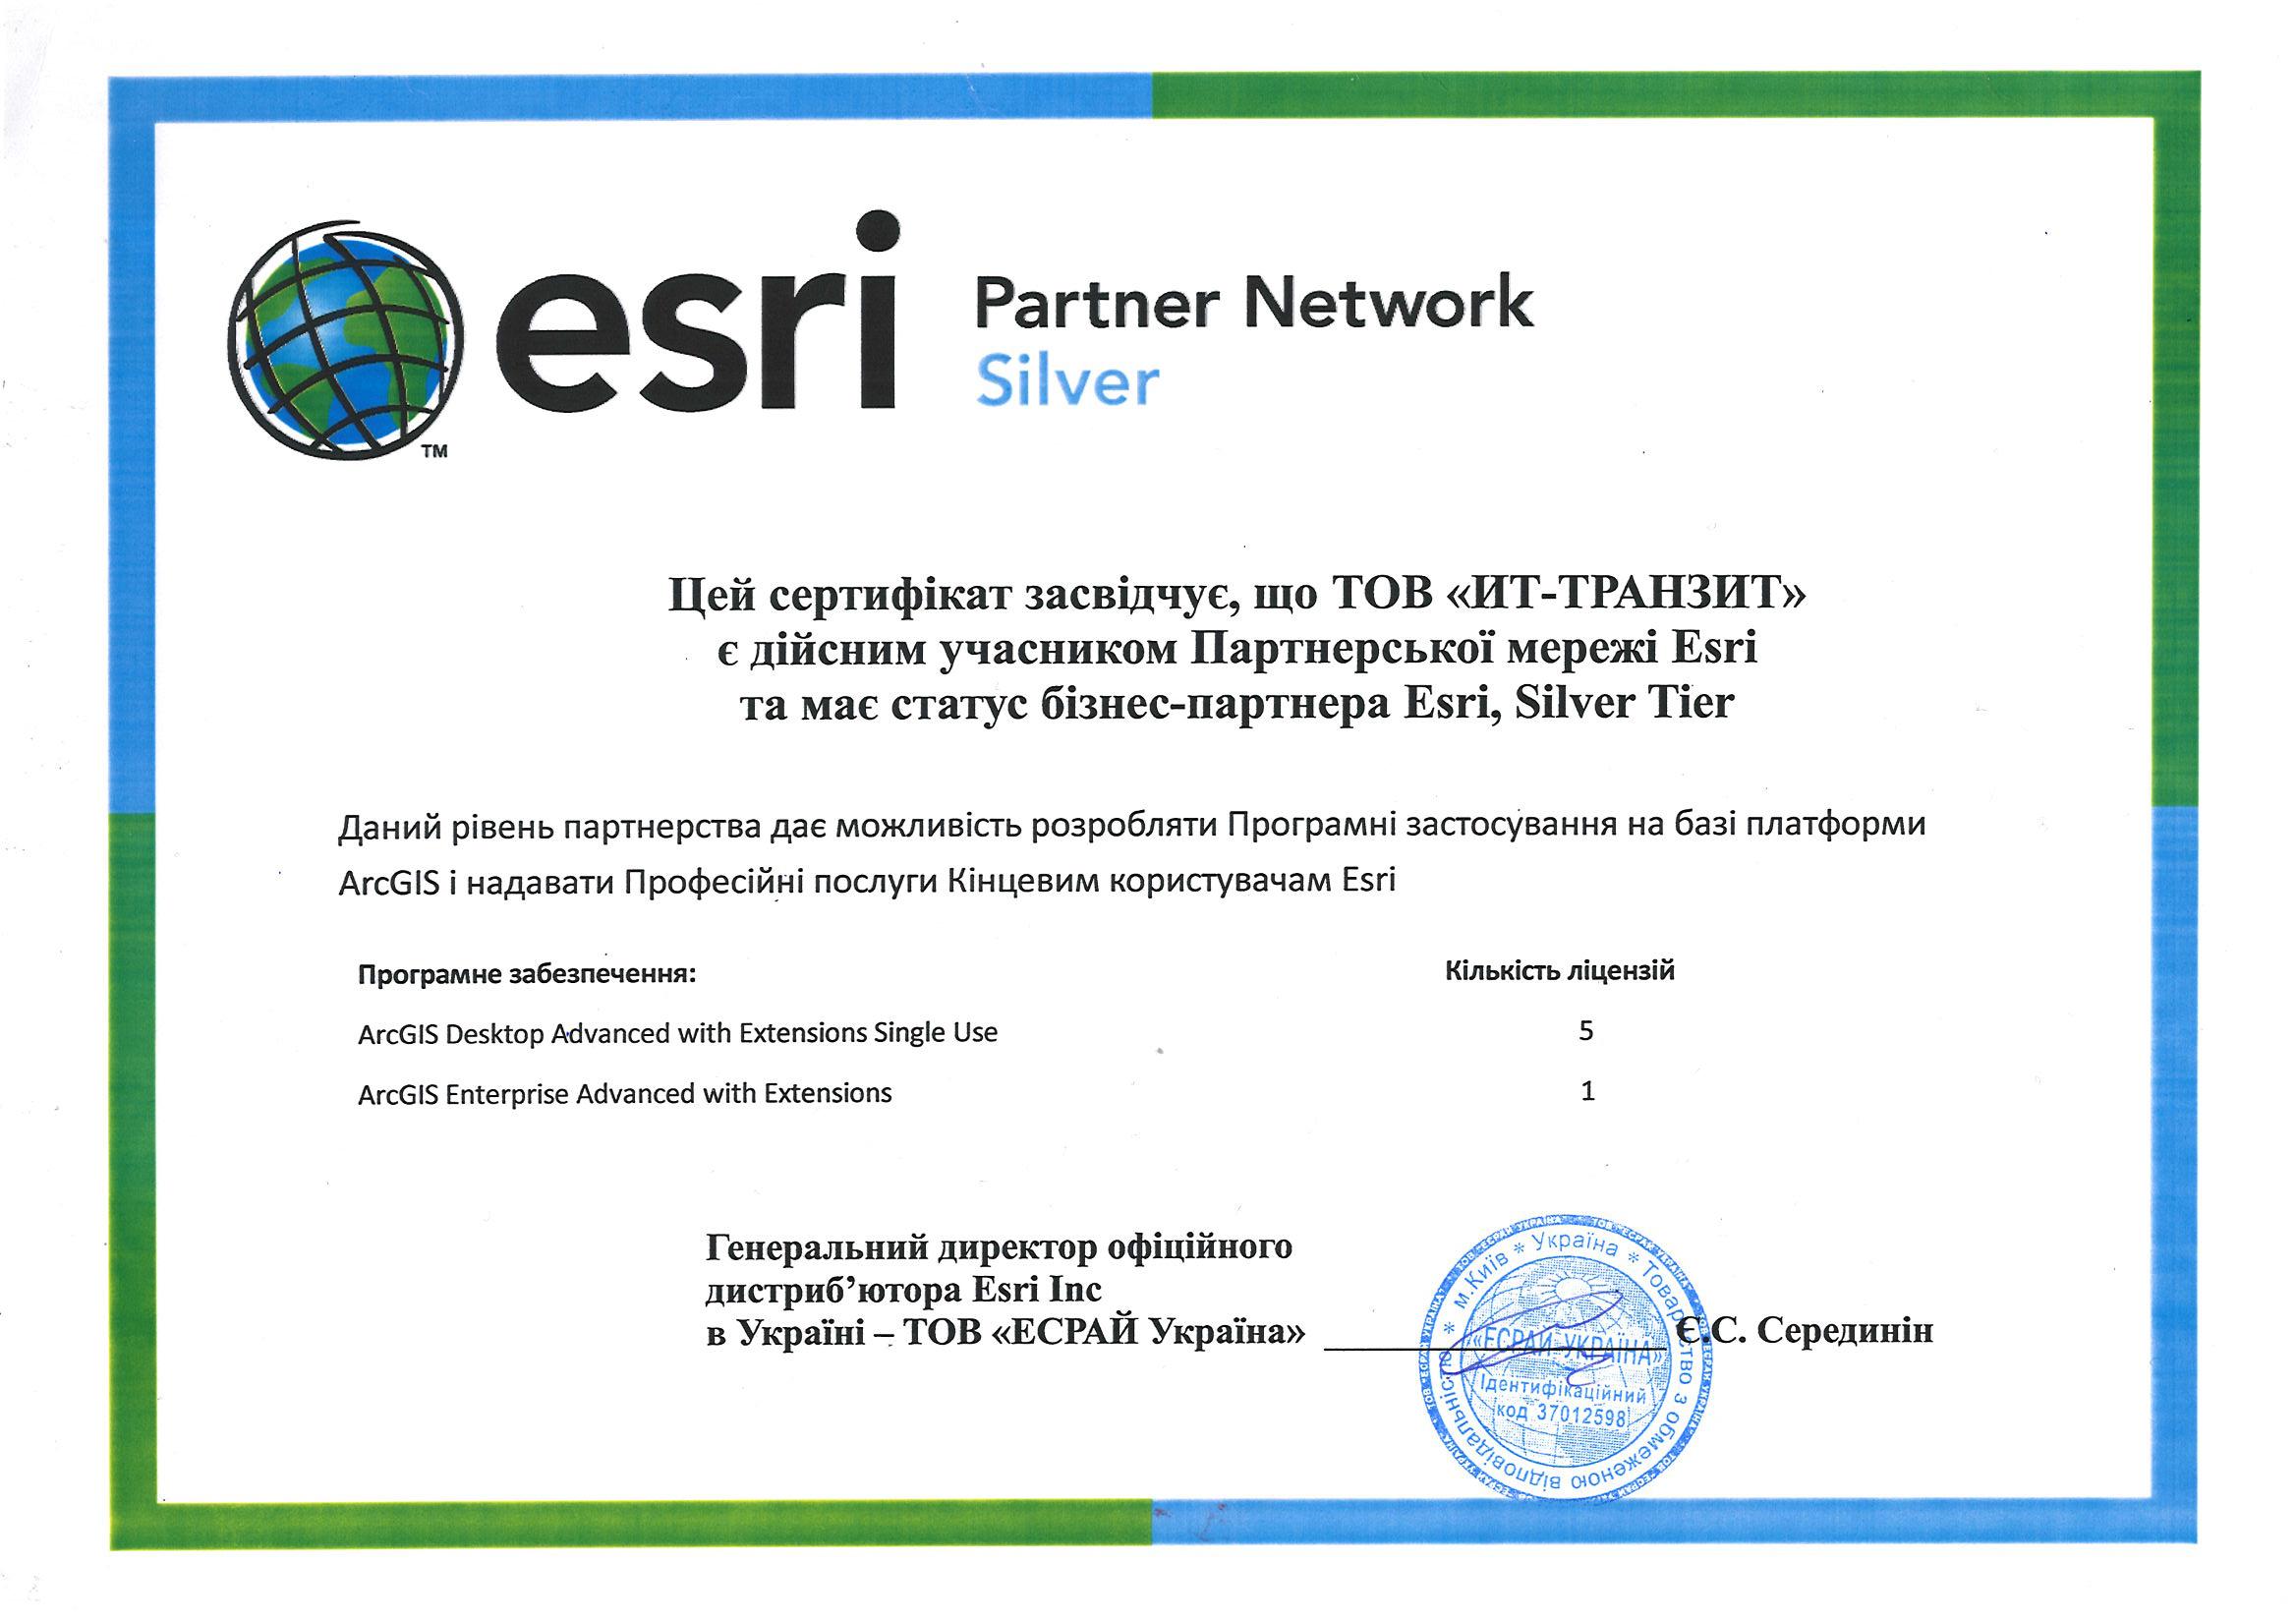 Сертификат серебряного партнера ESRI, ИТ-Транзит - серебряный партнер ESRI